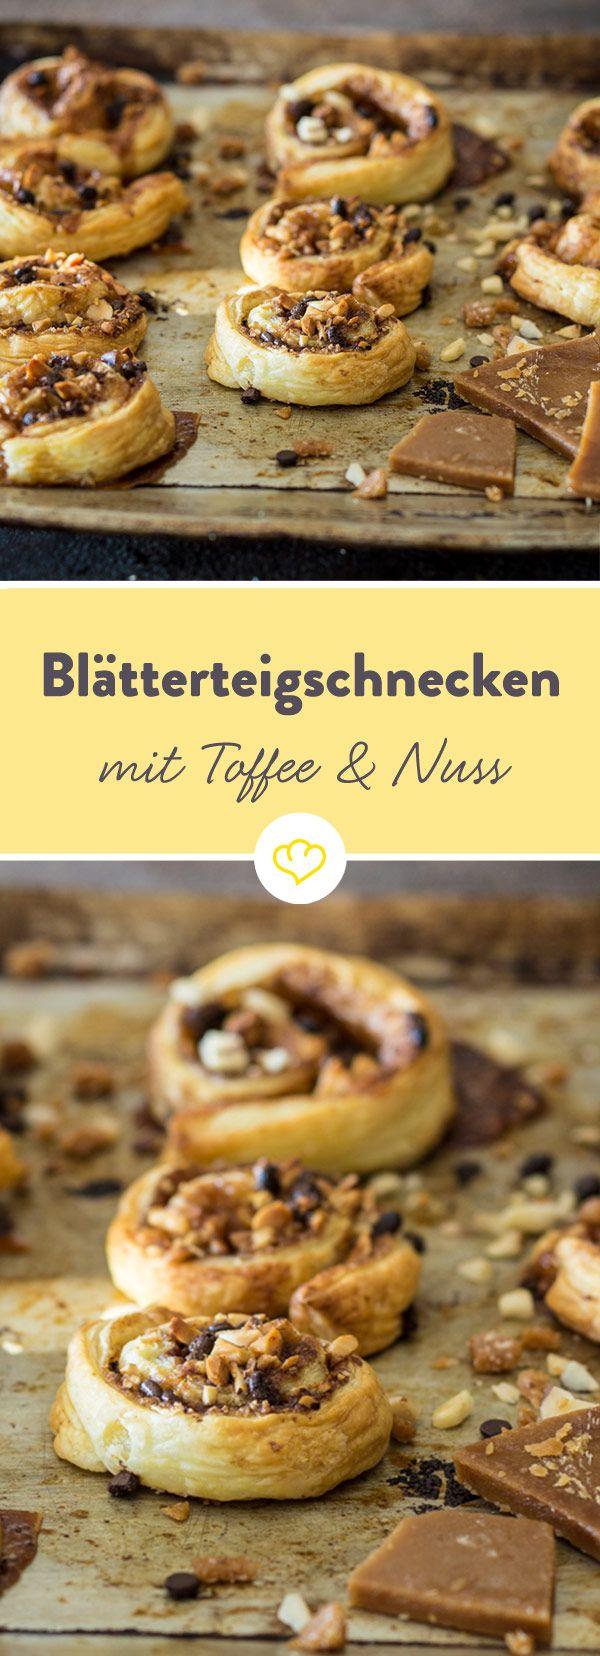 In der fix gebackenen Leckerei machen sich Toffee, Nüsse und Schokolade in buttrig-blättrigem Teig gemütlich. 08/15-Cookies sehen da blass aus.